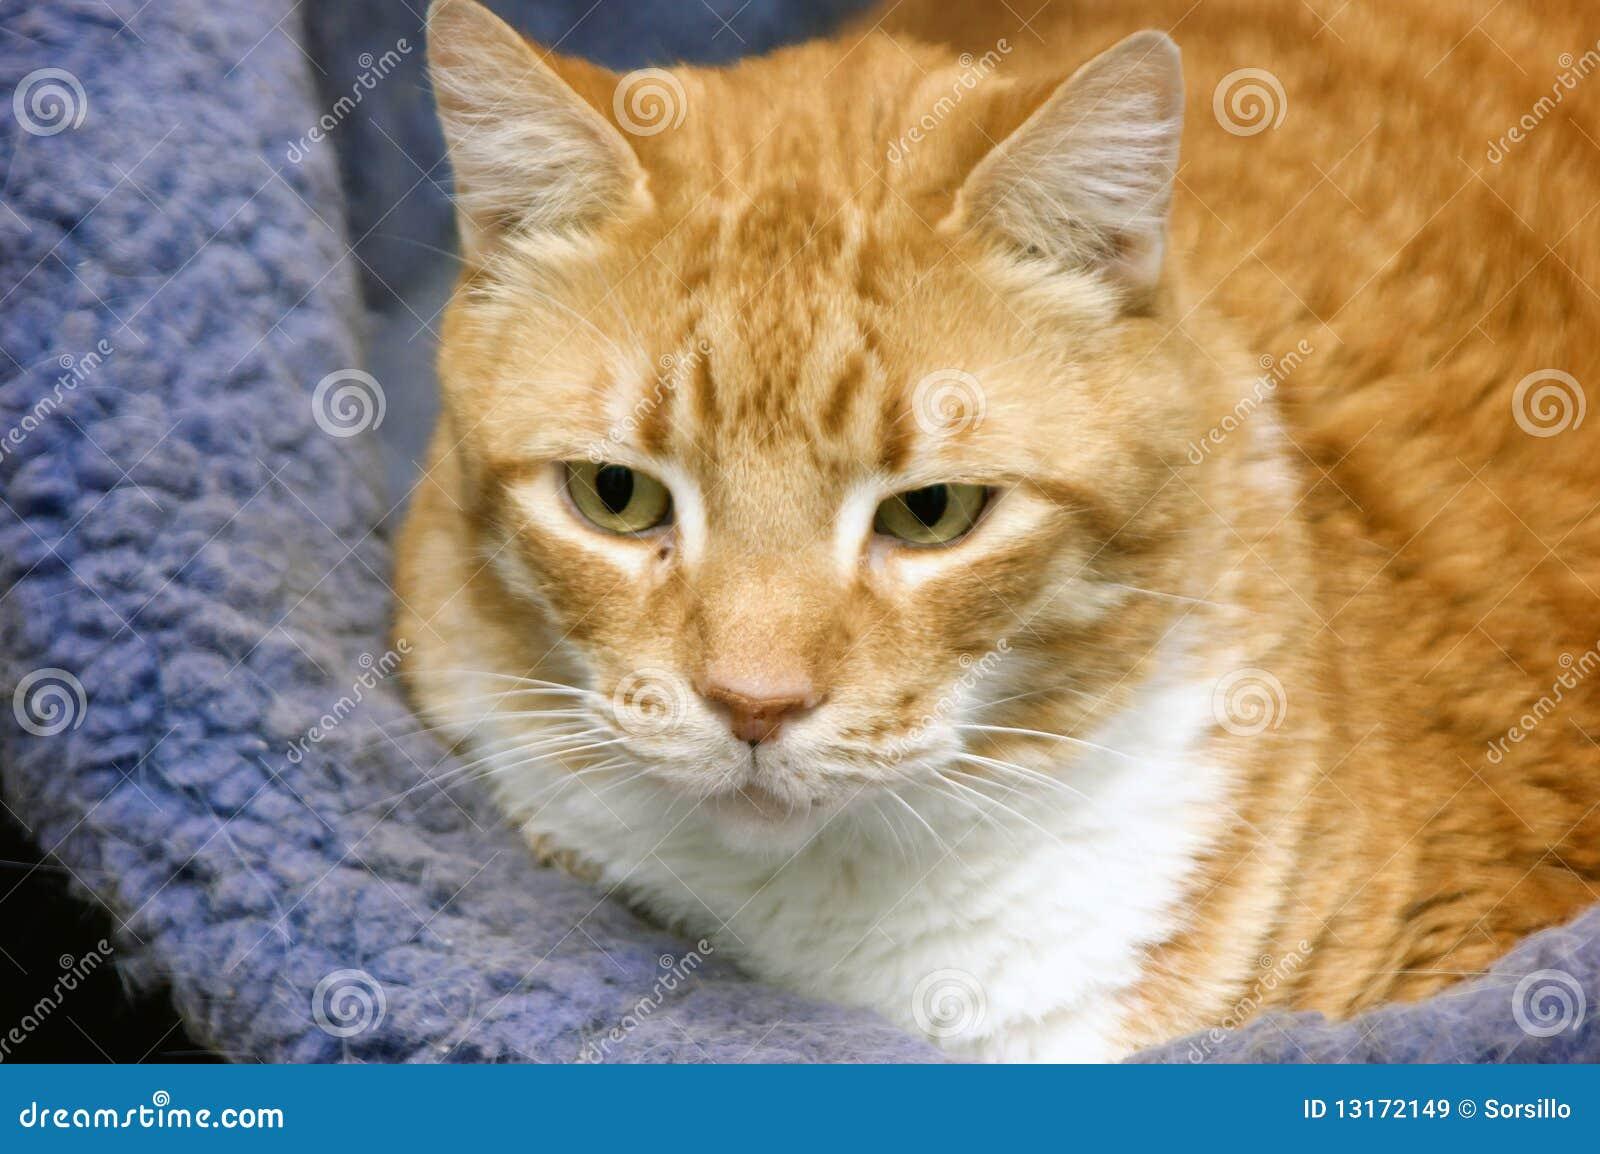 Katze im Bett stockbild. Bild von haustier, stillstehen